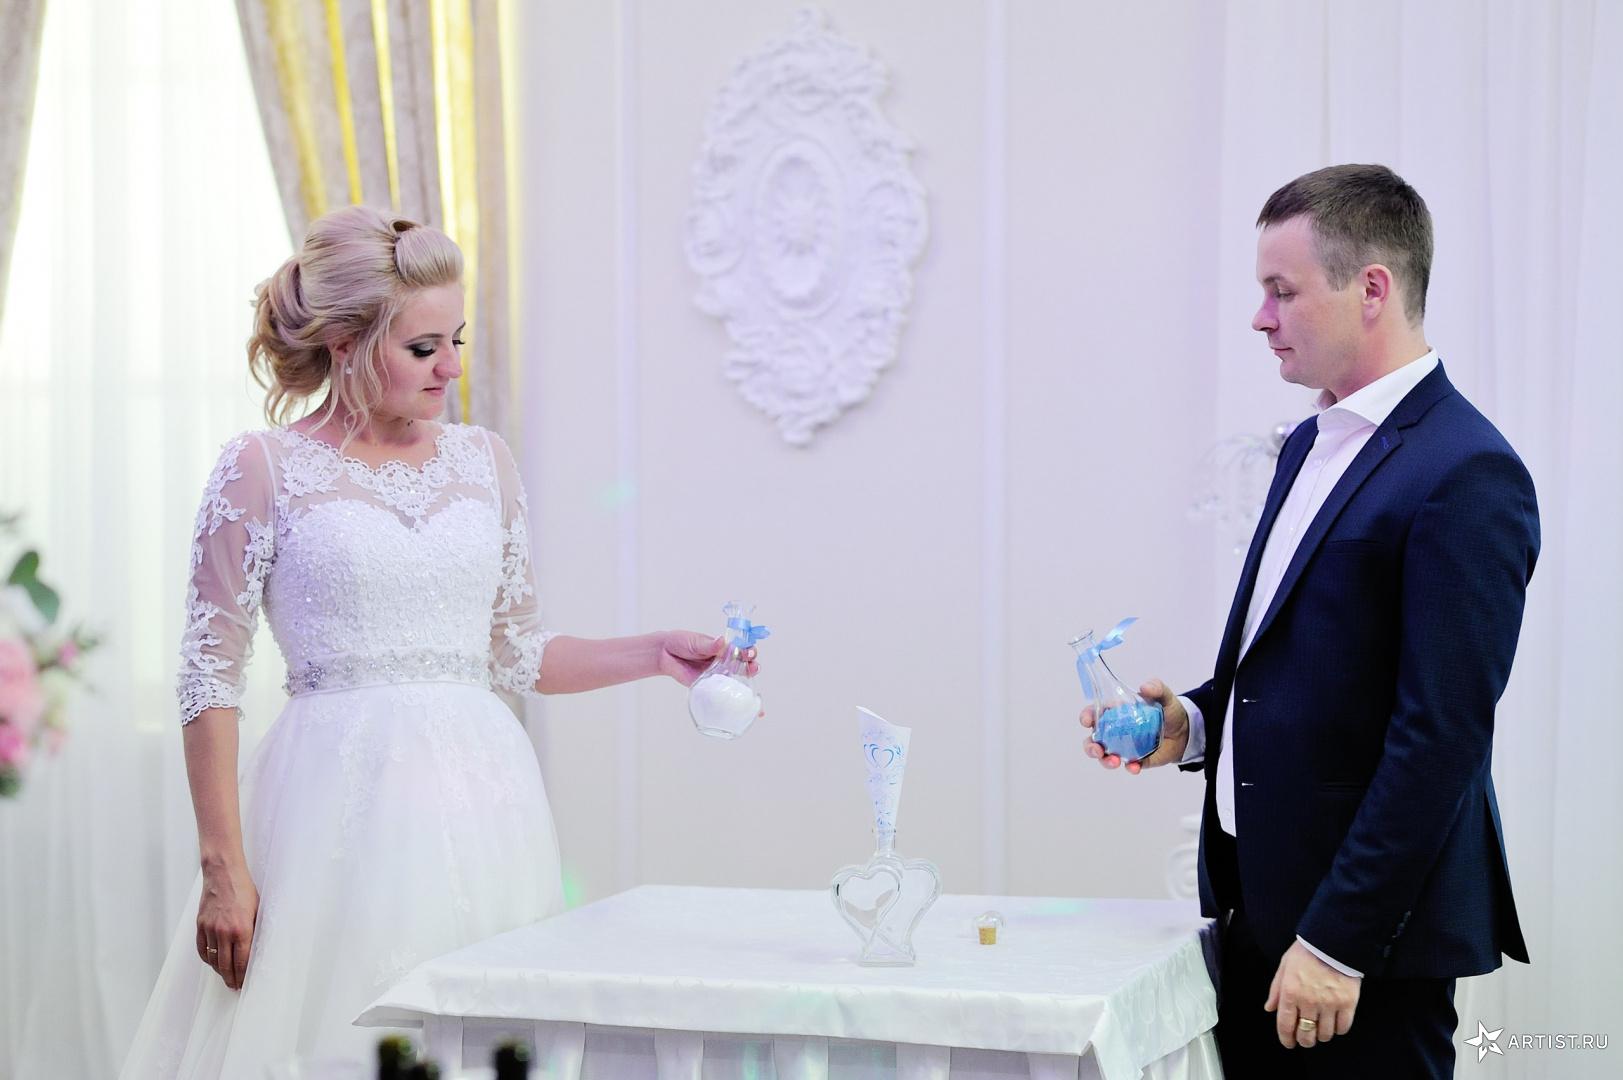 Фото 18 из 21 из альбома Свадьба Екатерины и Дениса Андрея Кислого